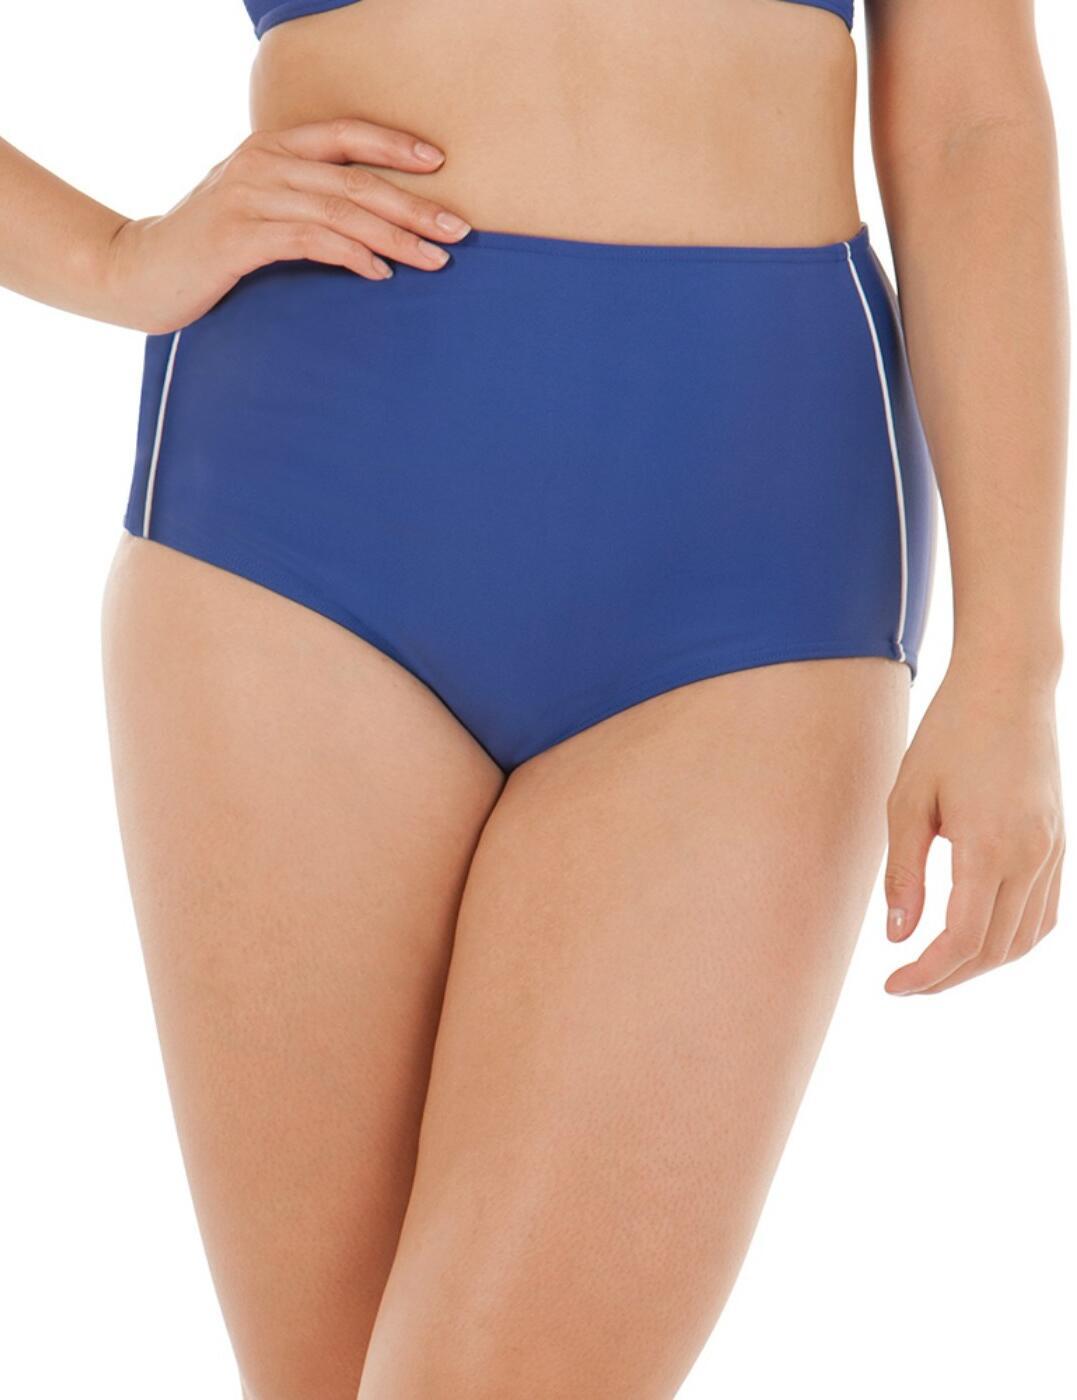 4565 Curvy Kate Sail Away High Waist Bikini Brief - 4565 Blue/White